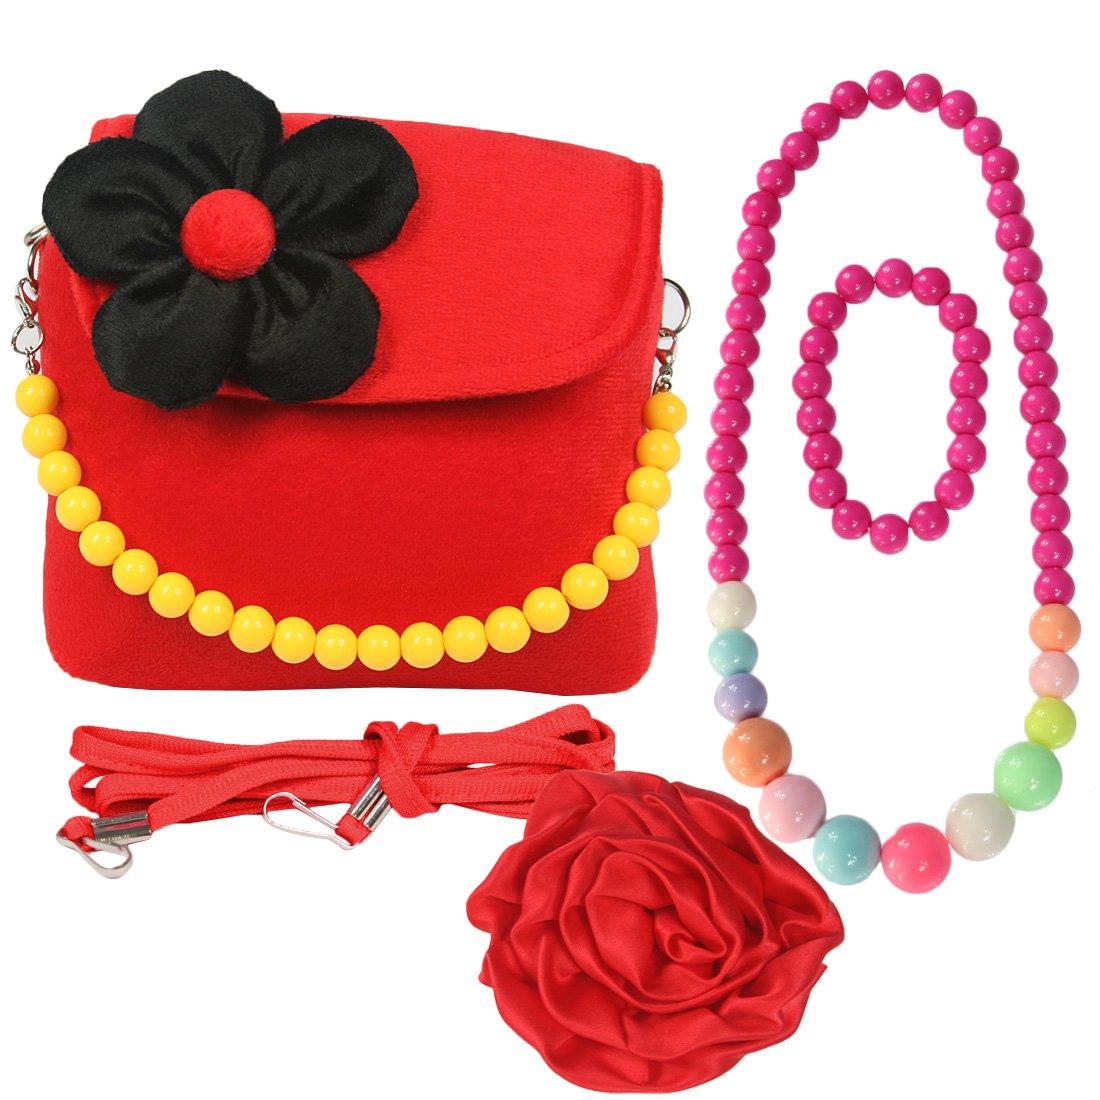 Kilofly, borsetta in peluche per bambini + molletta per capelli con grande rosa + collana + bracciale rosso AWP409DRED